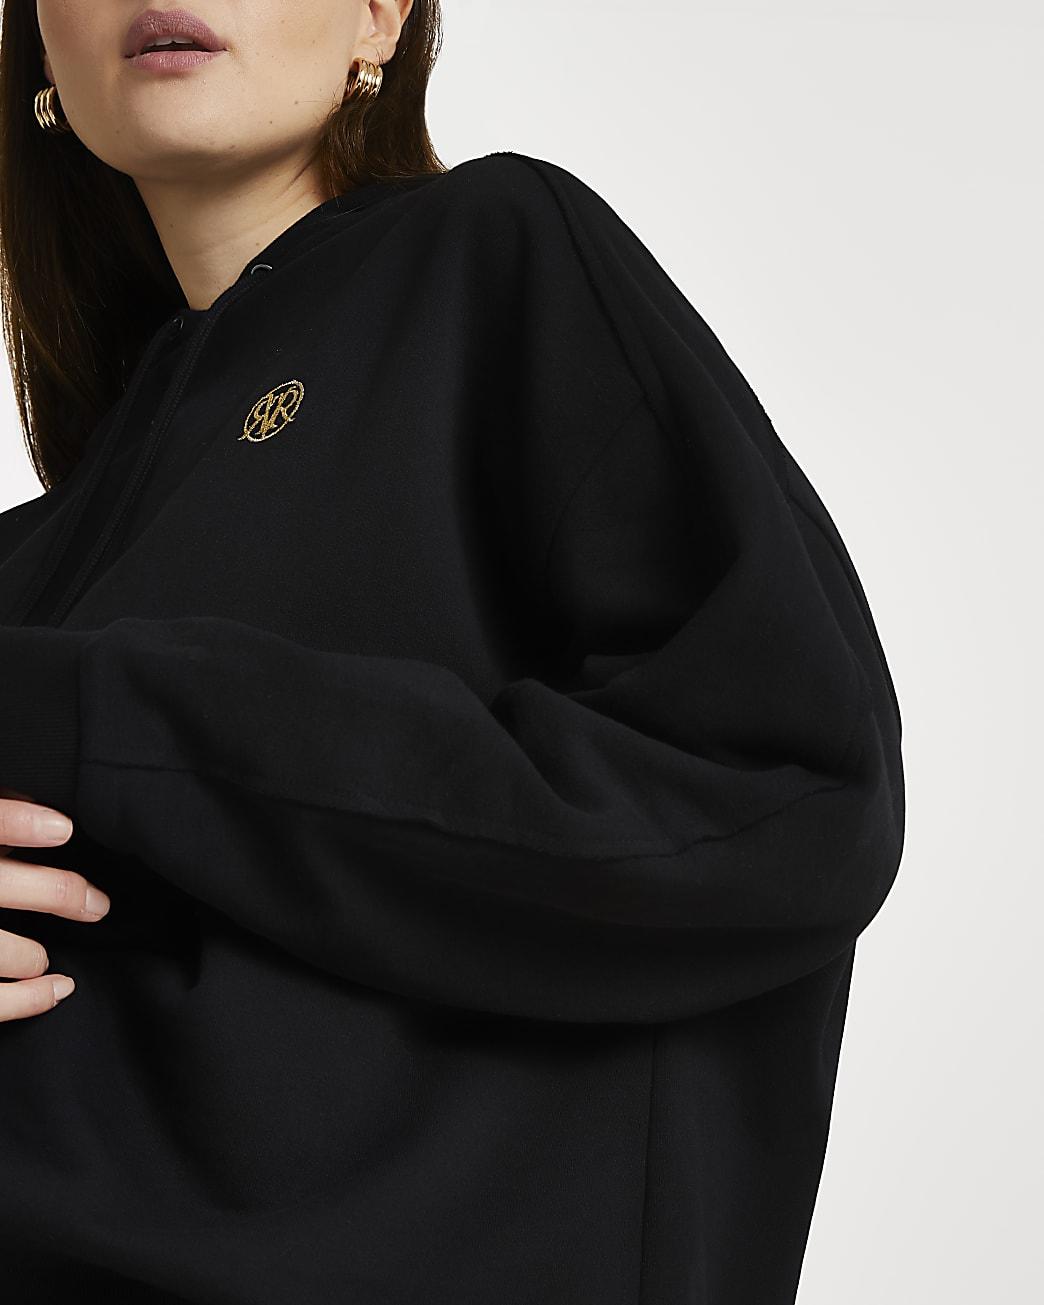 Plus black long sleeve 'RR' hoodie